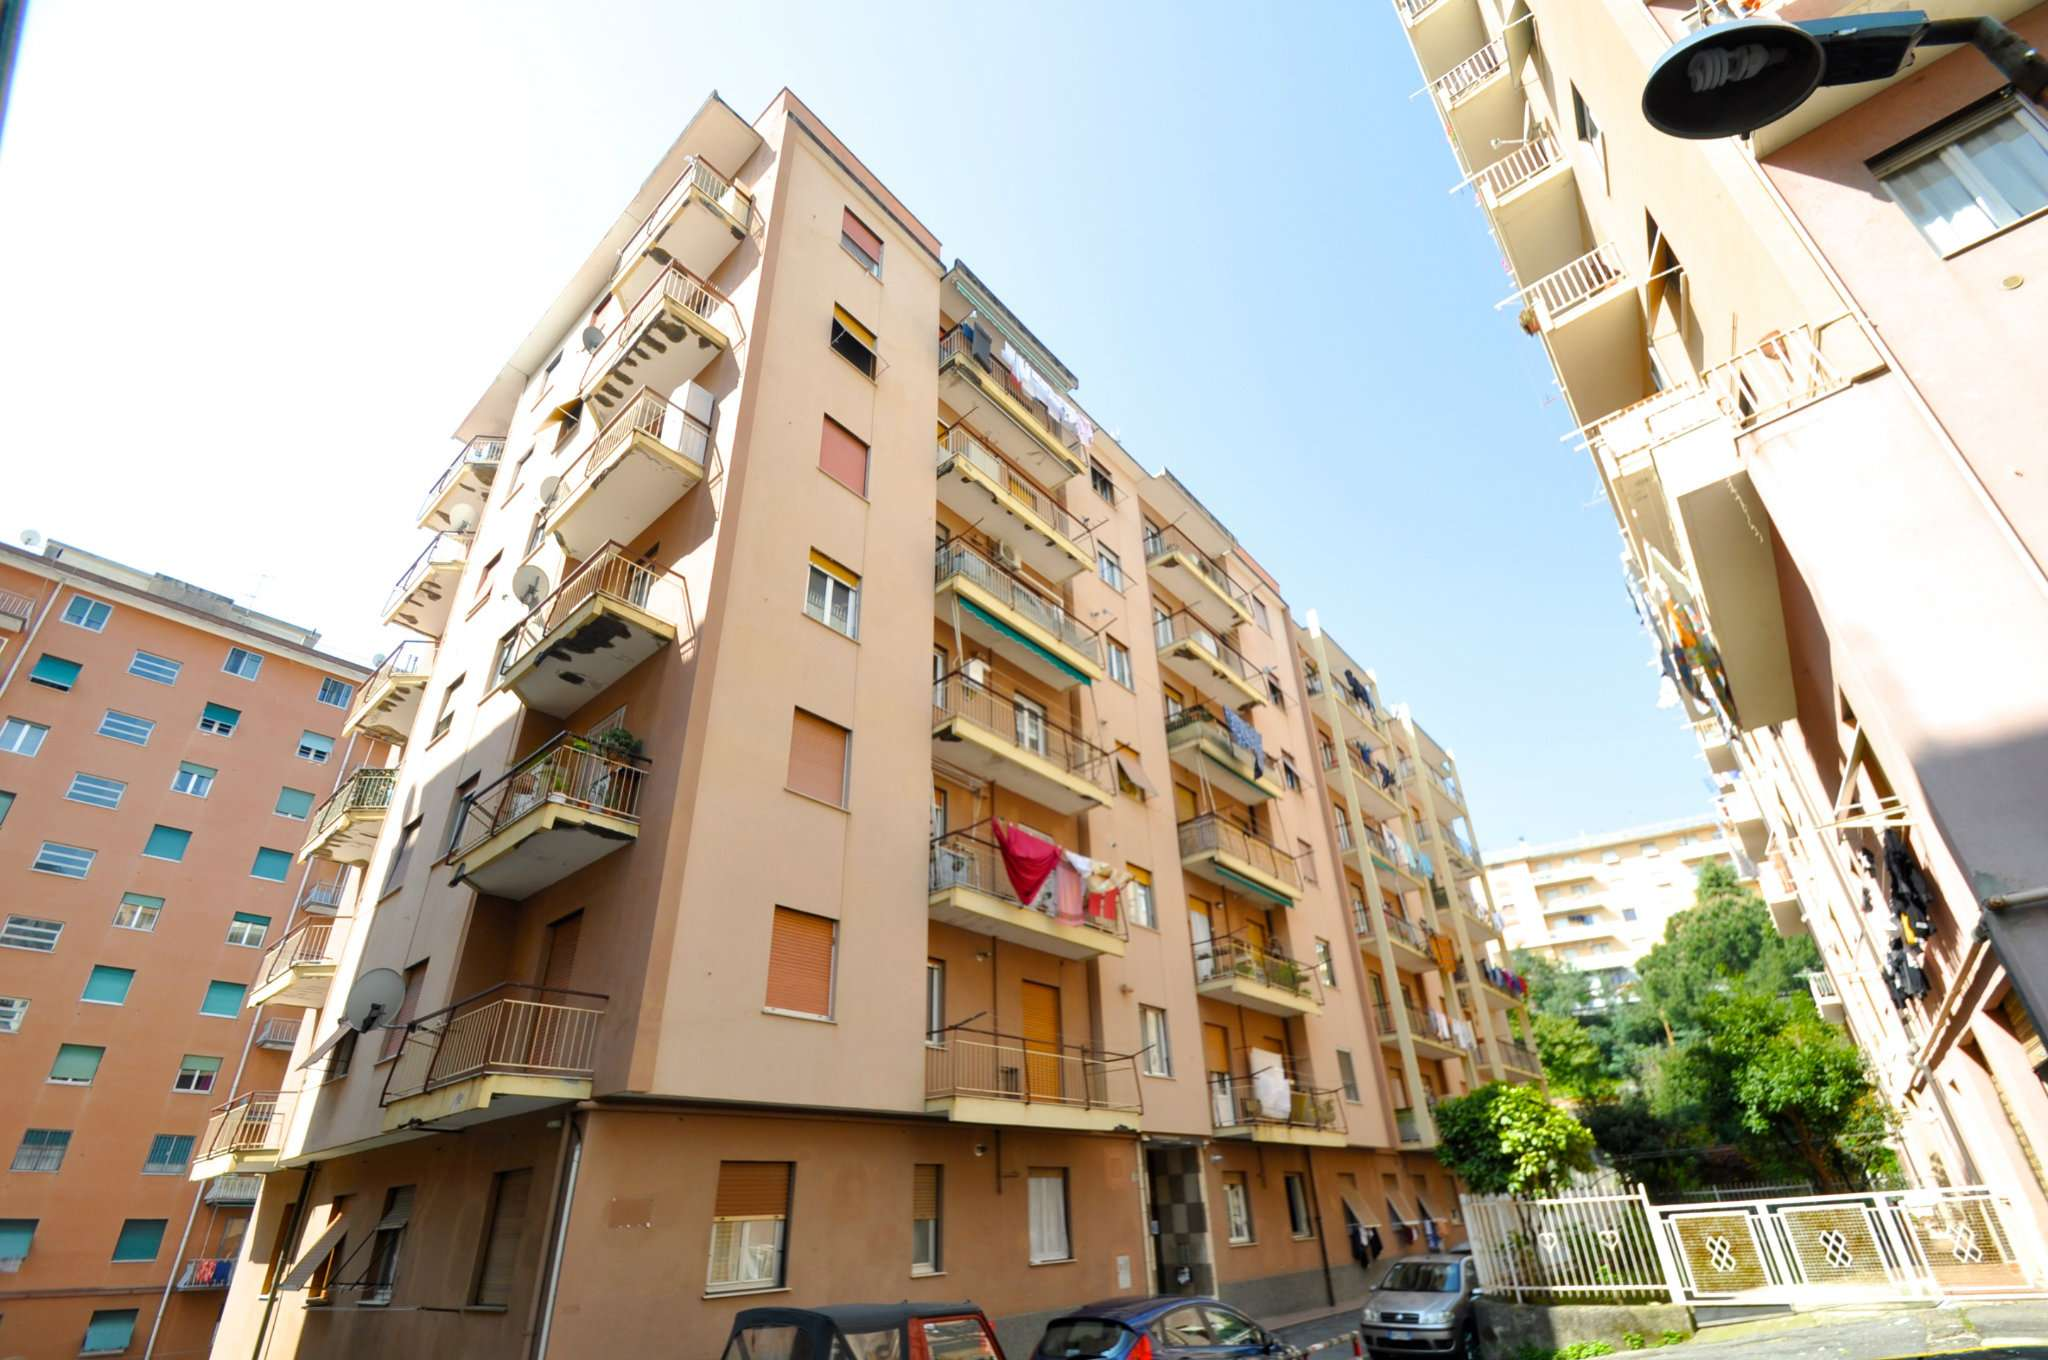 Genova Genova Vendita APPARTAMENTO , appartamentio in vendita a torino